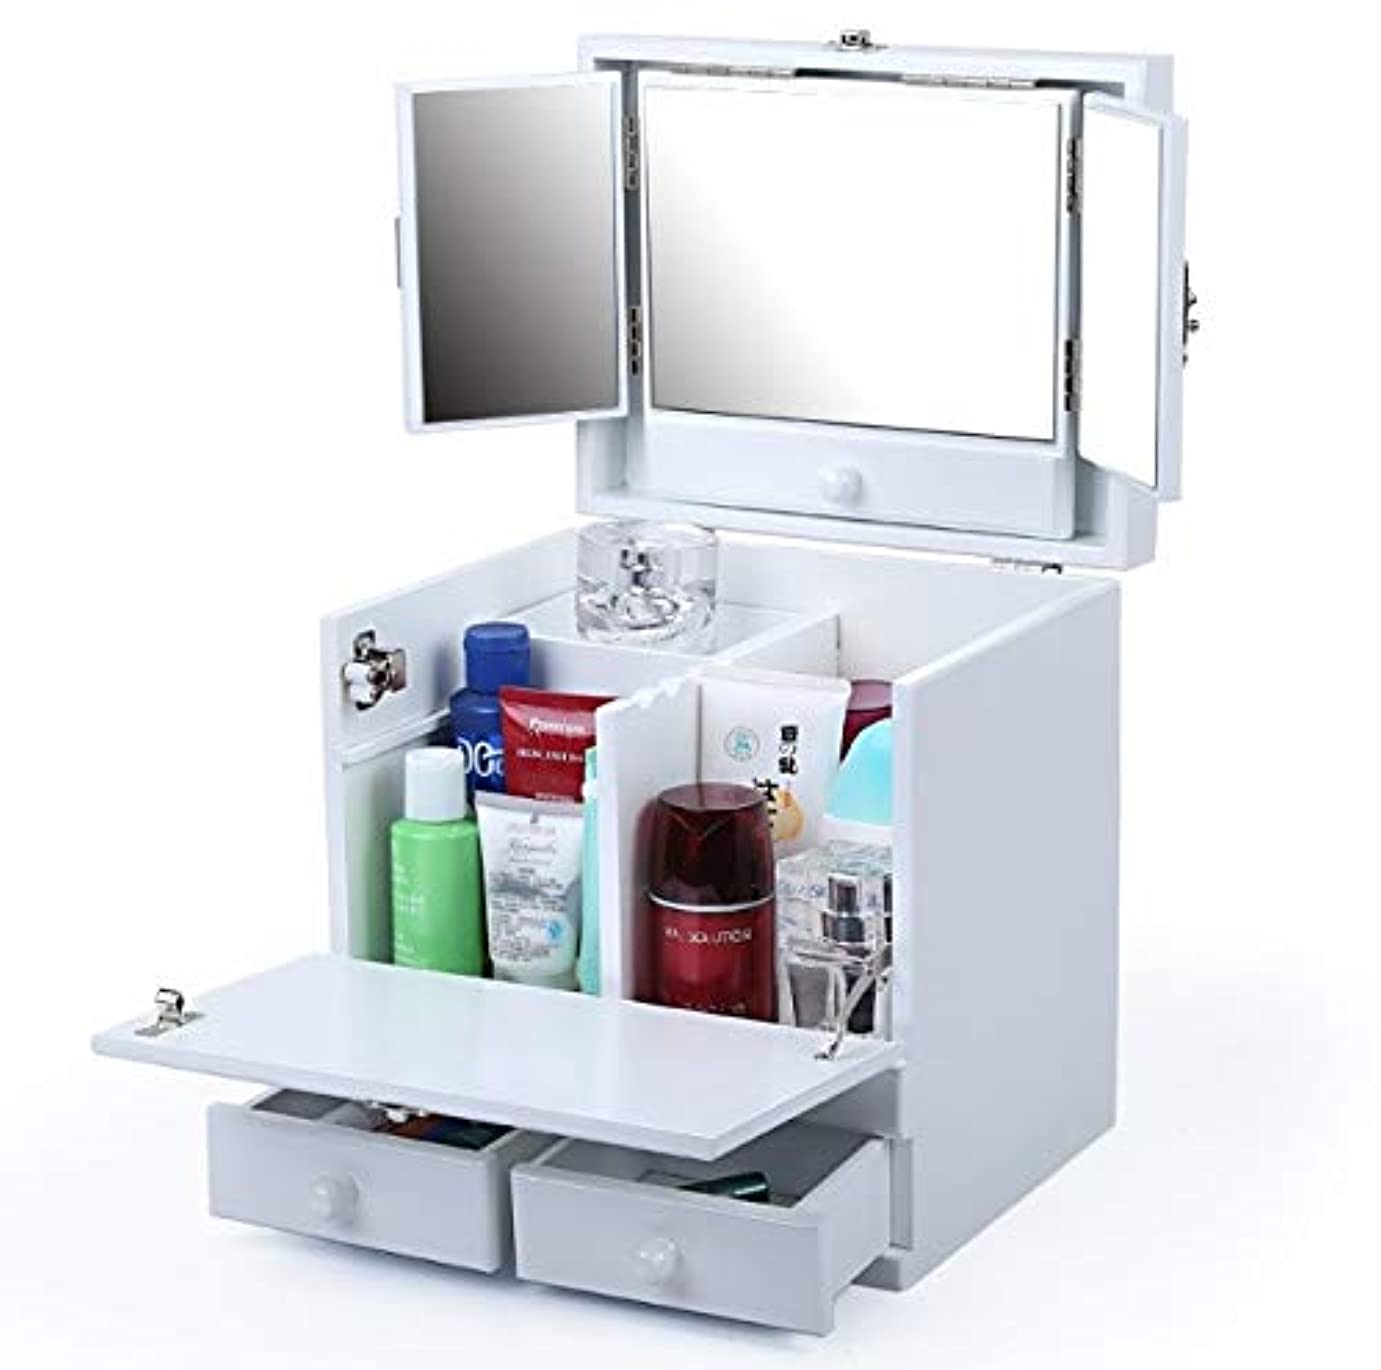 従う凍った適応化粧箱、白のダブルデッカーヴィンテージ木彫り化粧品ケース、ミラー、高級ウェディングギフト、新築祝いギフト、美容ネイルジュエリー収納ボックス